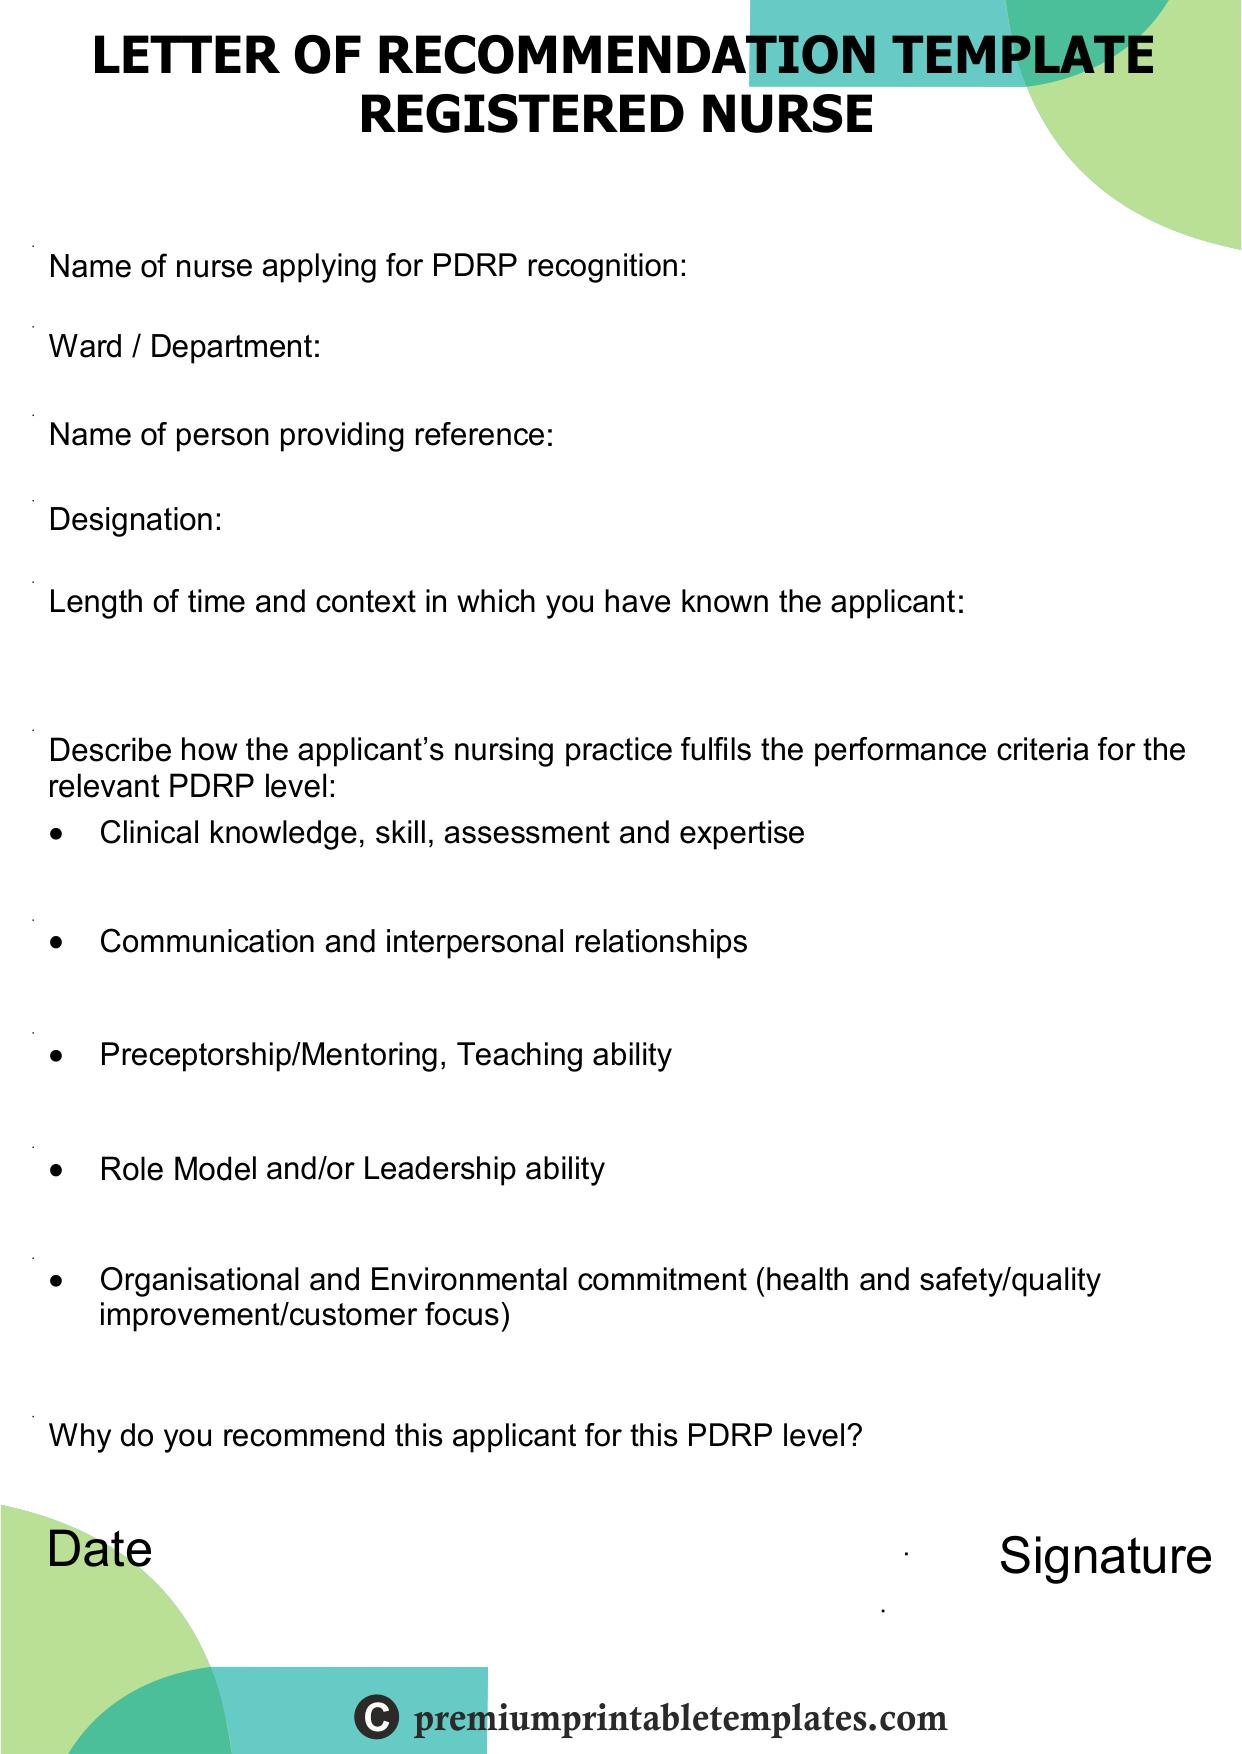 Recommendation Letter For Registered Nurse